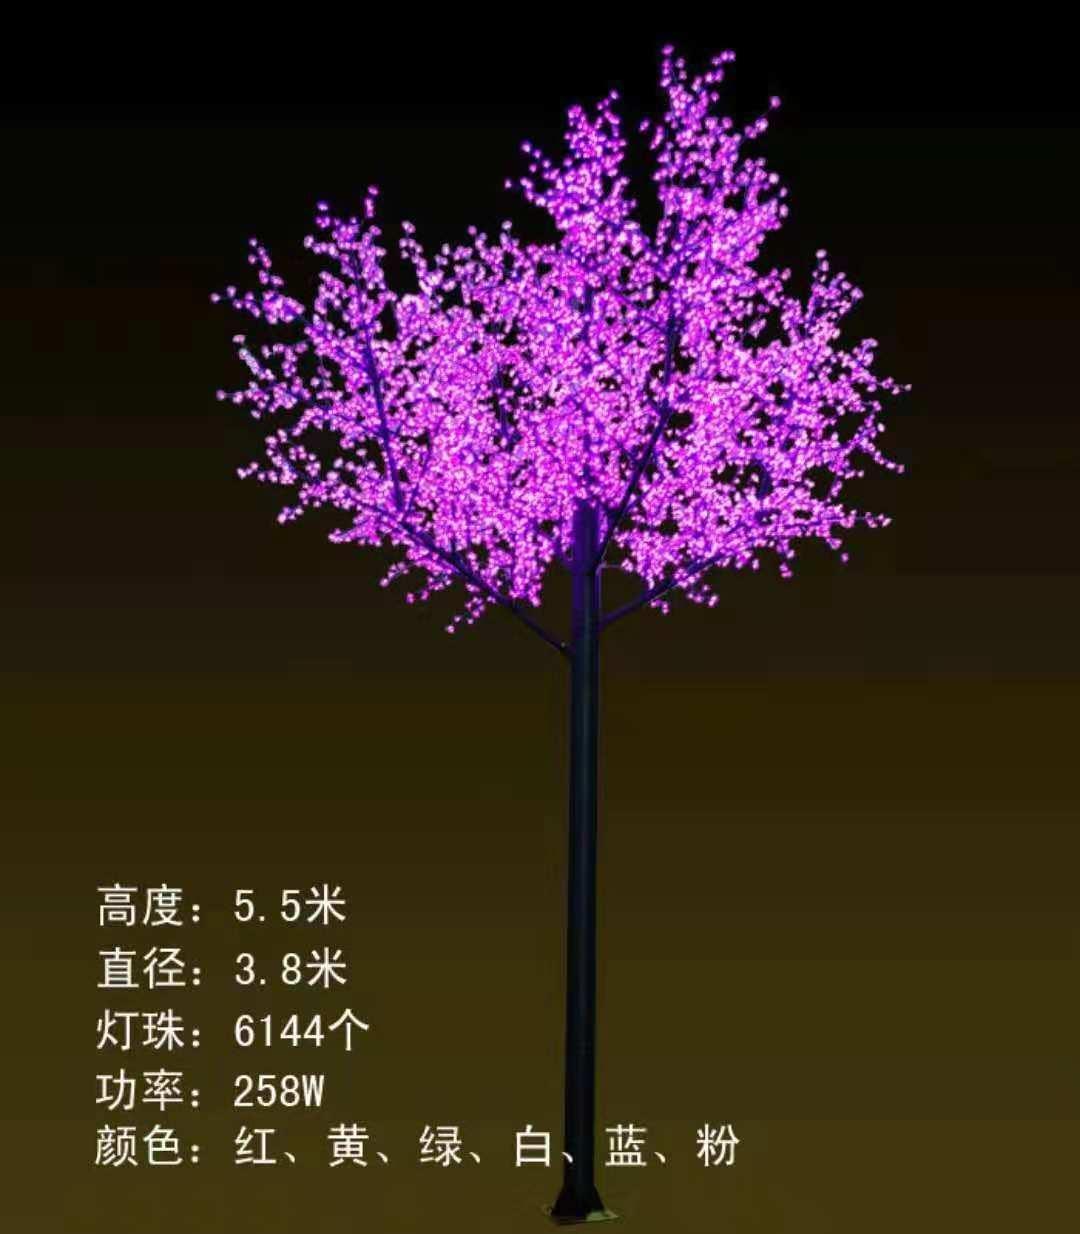 发光树厂-益庆灯饰-口碑好的发光树公司